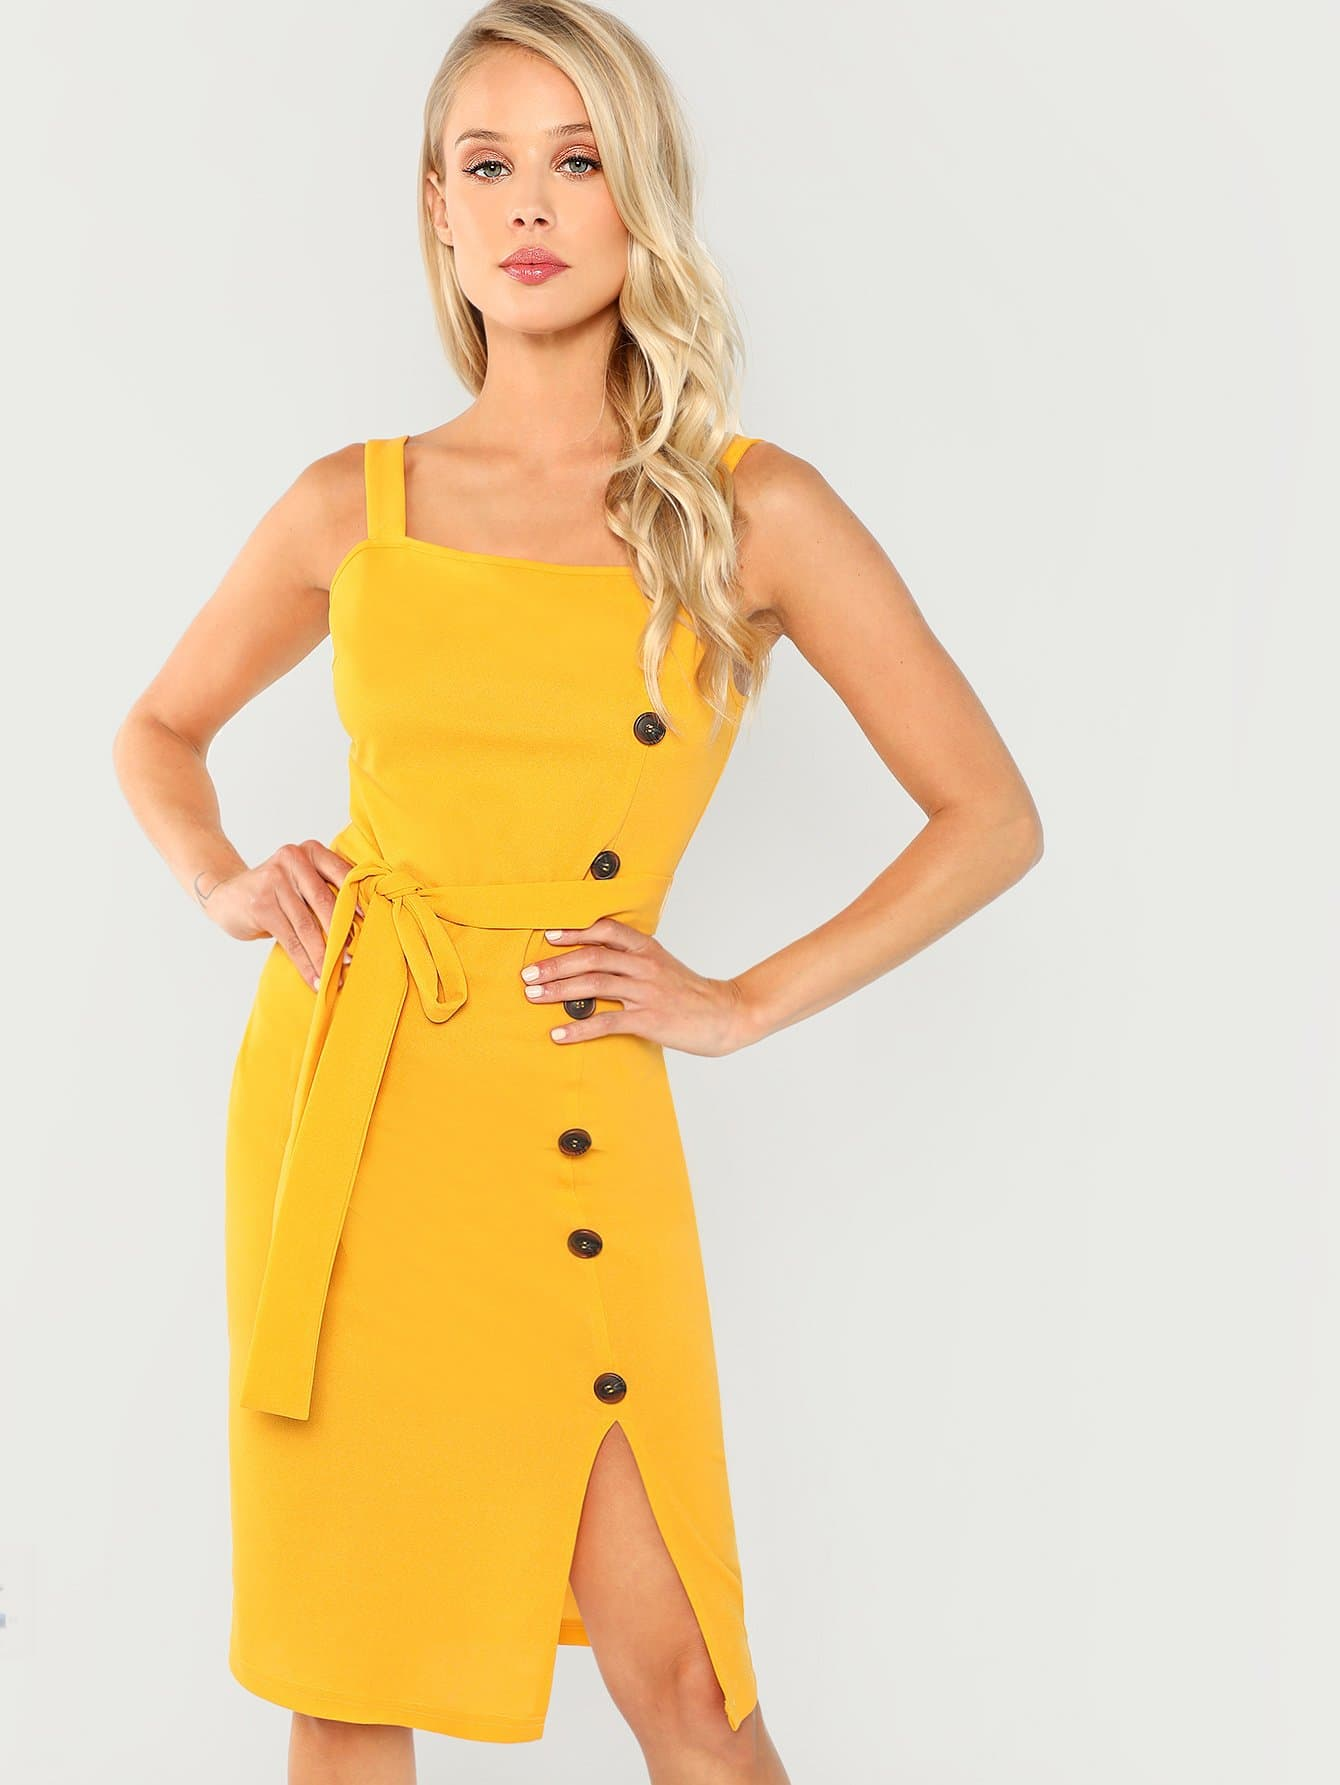 Купить Разделение платье на пуговицах с поясрм, Allie Leggett, SheIn